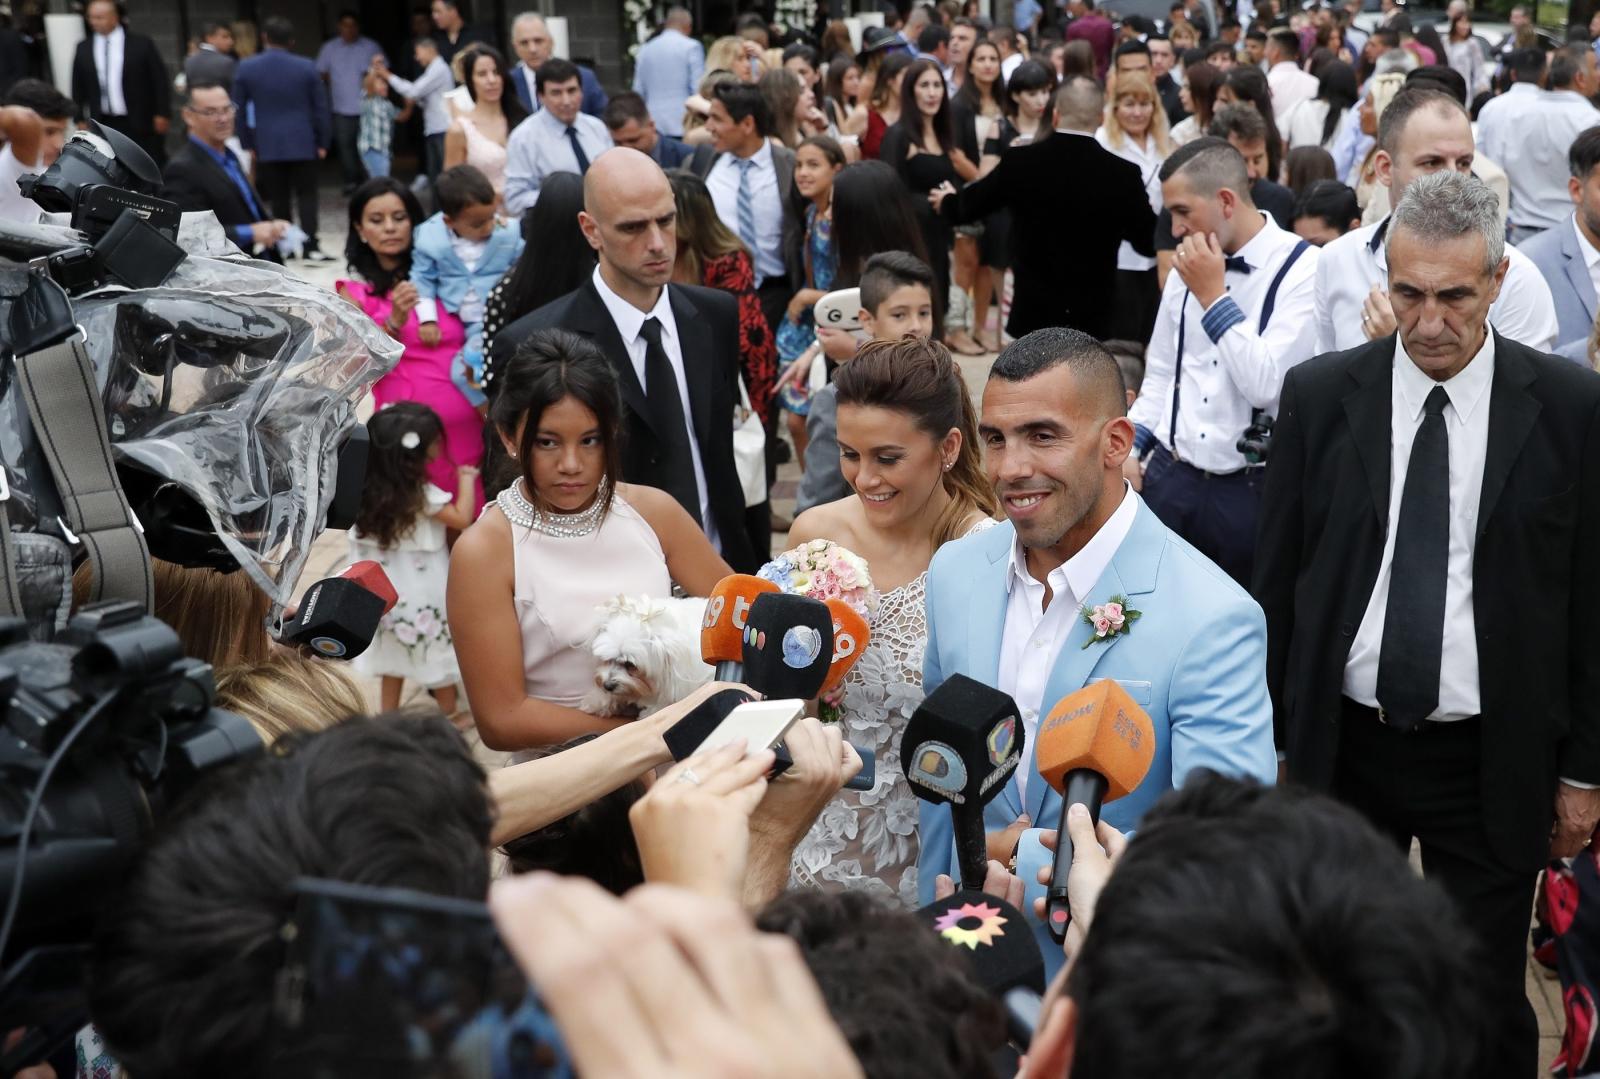 Ślub słynnego argentyńskiego piłkarza z klubu Boca Juniors, Carlosa Teveza. Fot. PAP/EPA/DAVID FERNANDEZ